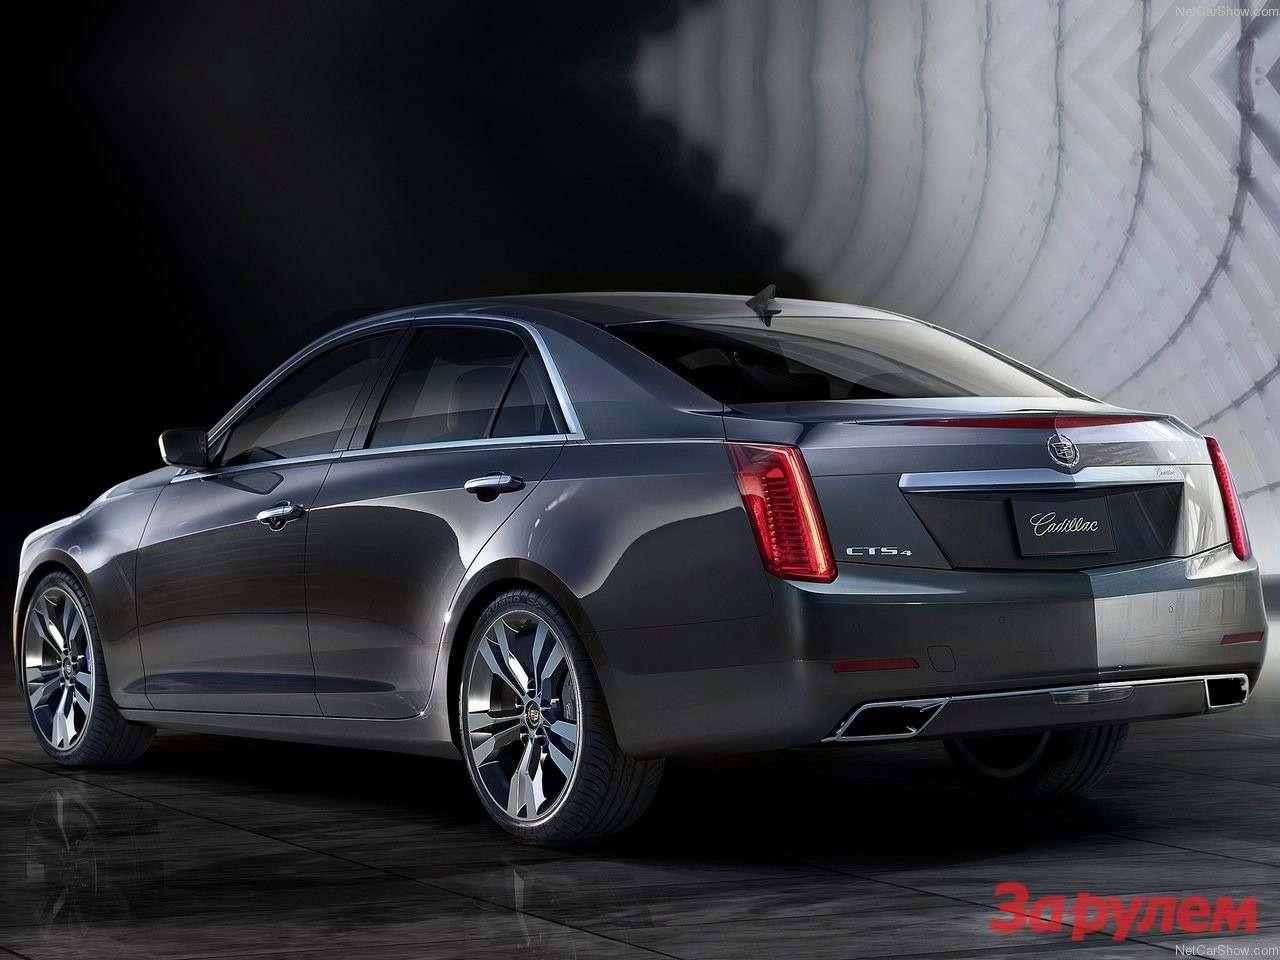 Cadillac CTS 2014 1280x960 wallpaper 05